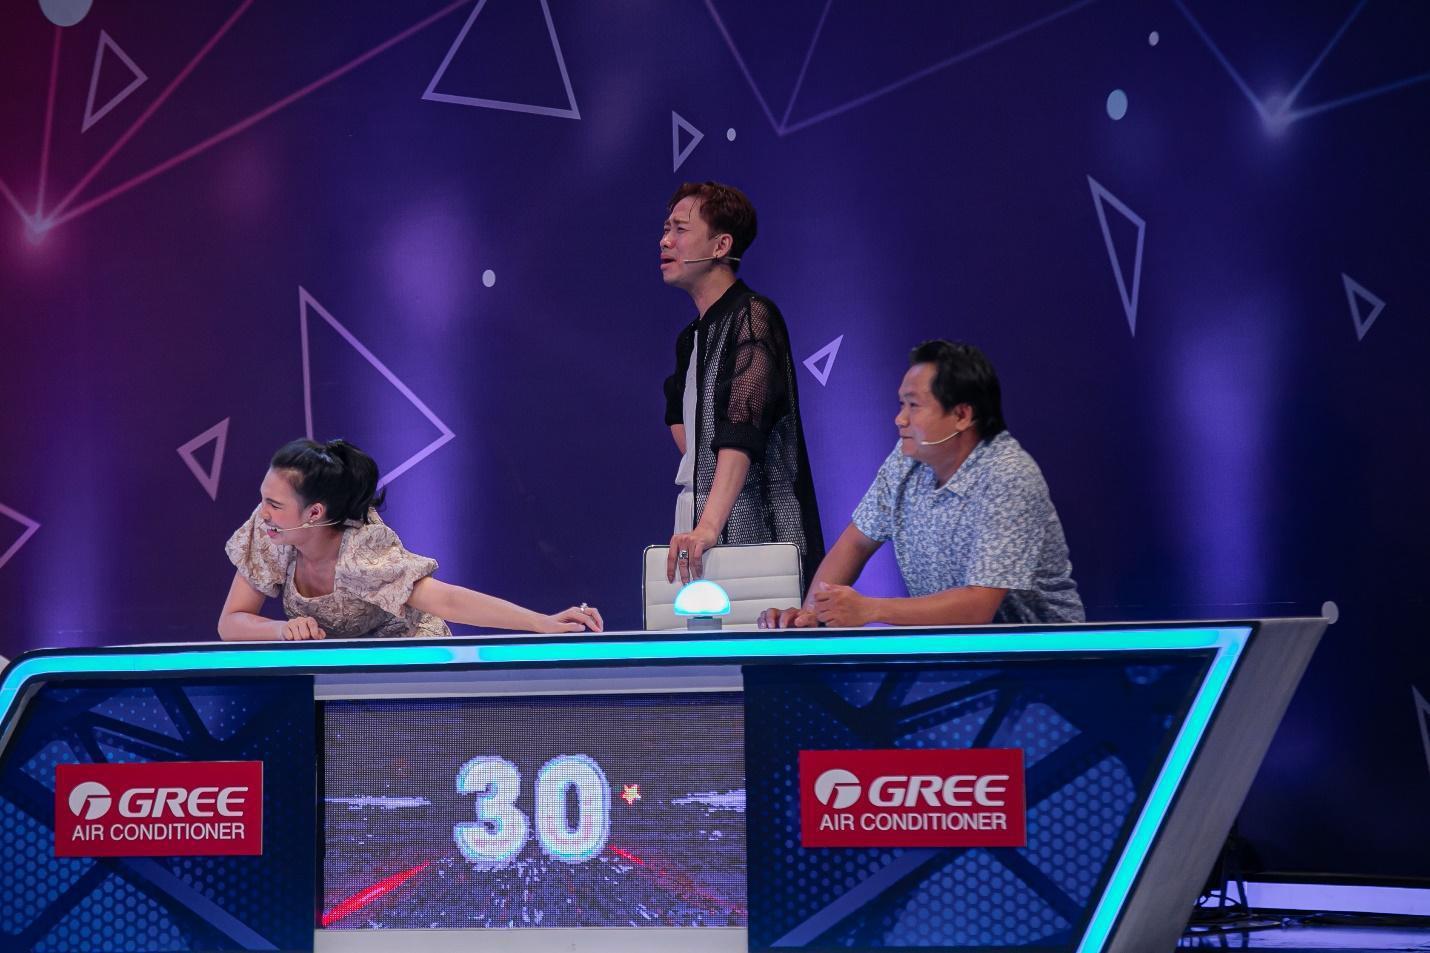 """Chơi ăn gian, Hải Triều bị Trịnh Thăng Bình """"dạy dỗ"""" ngay trên sóng truyền hình - Ảnh 6."""